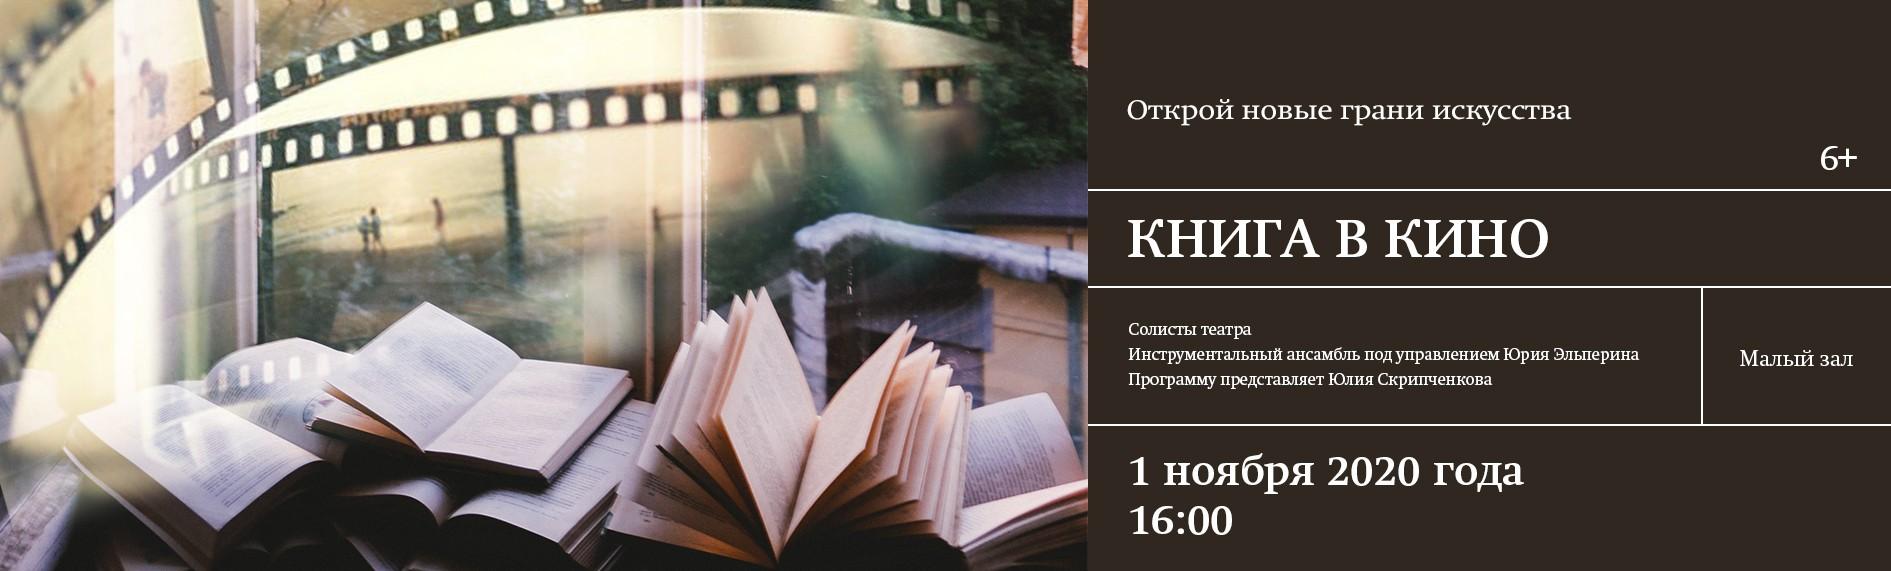 """Концерт """"Книга в кино"""""""